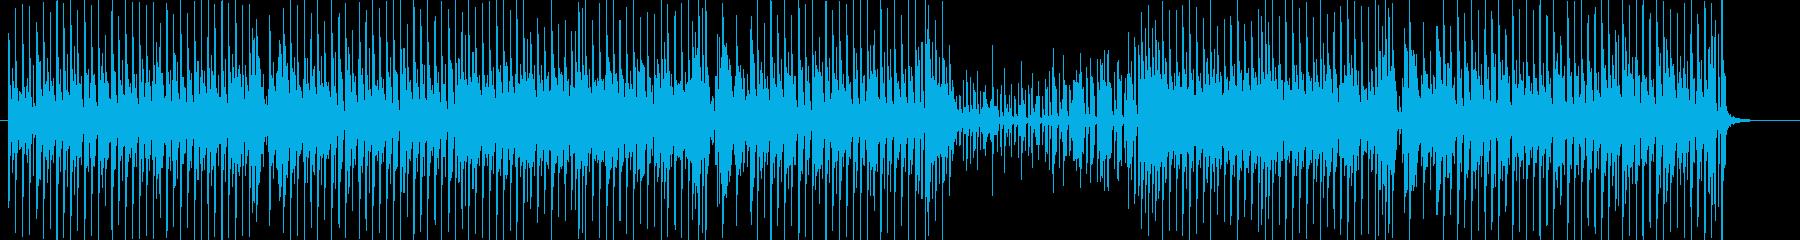 疾走感のあるギターなどのサウンドの再生済みの波形